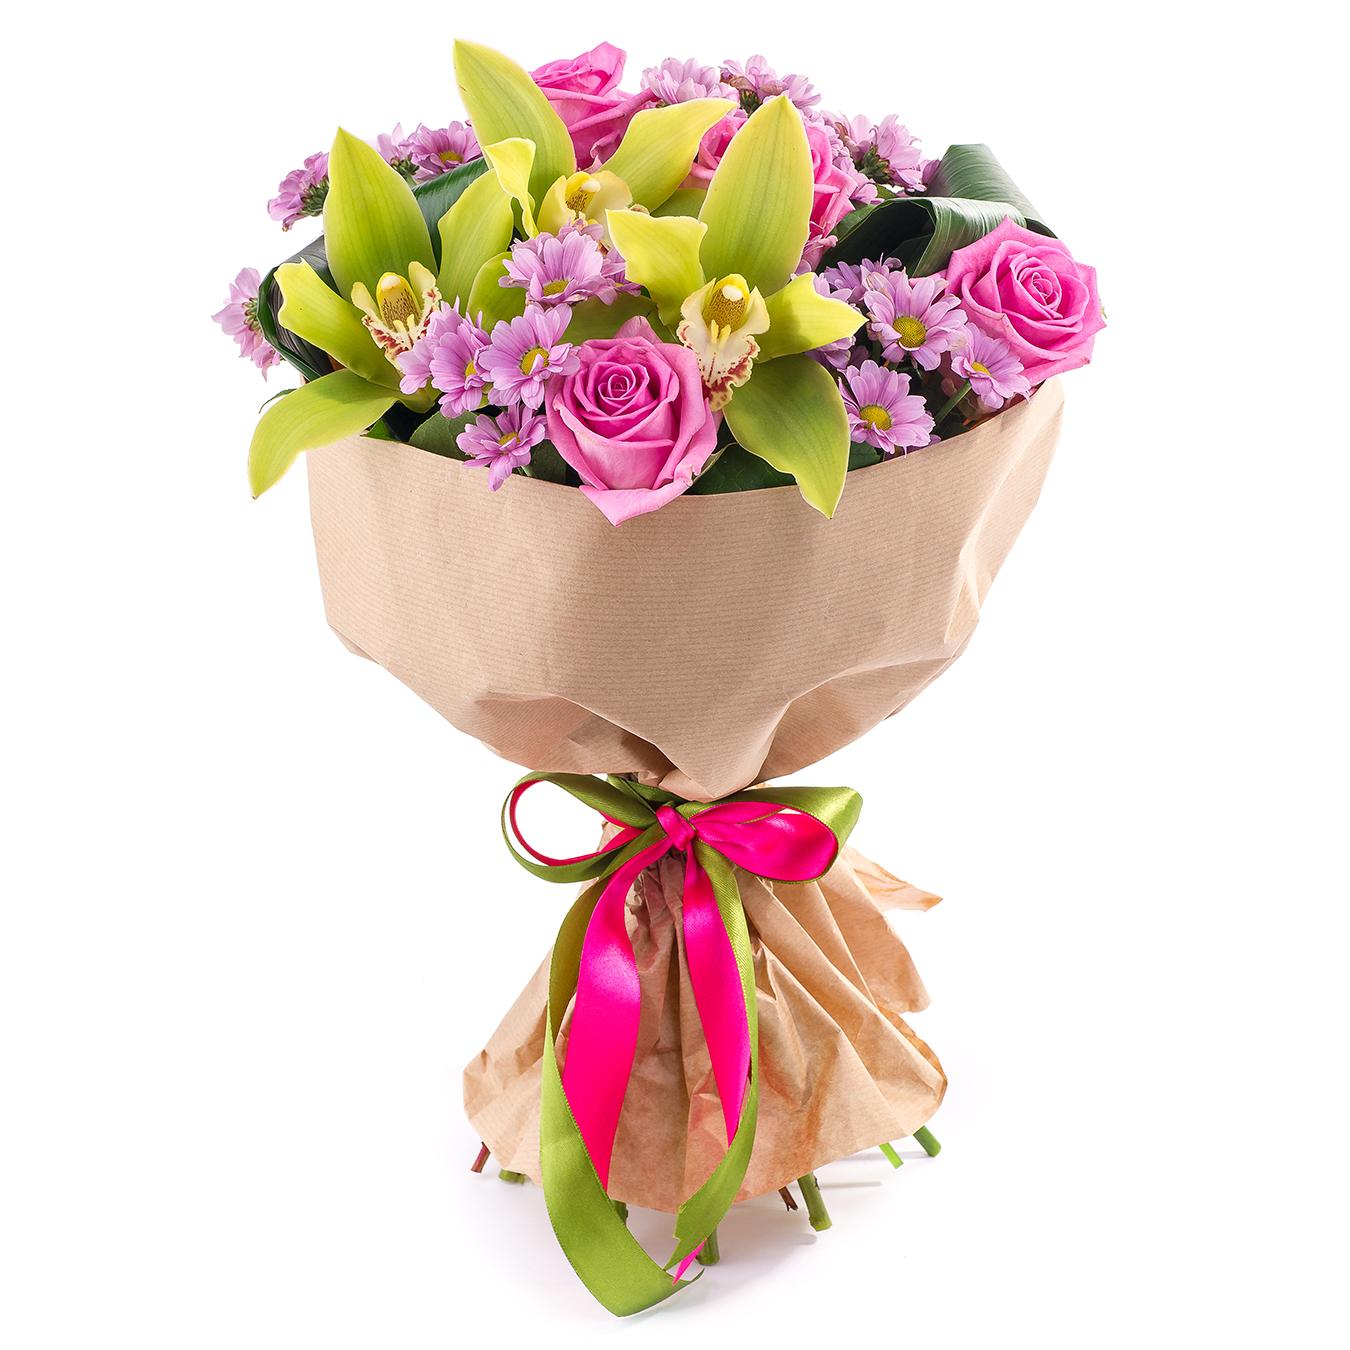 Авторский букет цветов Мотылёк<br>Ингредиенты: Аспидистра 2 шт, Салал, Хризантема кустовая 4 шт, Цимбидиум 3 шт, Роза (50 см) 5 шт, Крафт 1 шт;